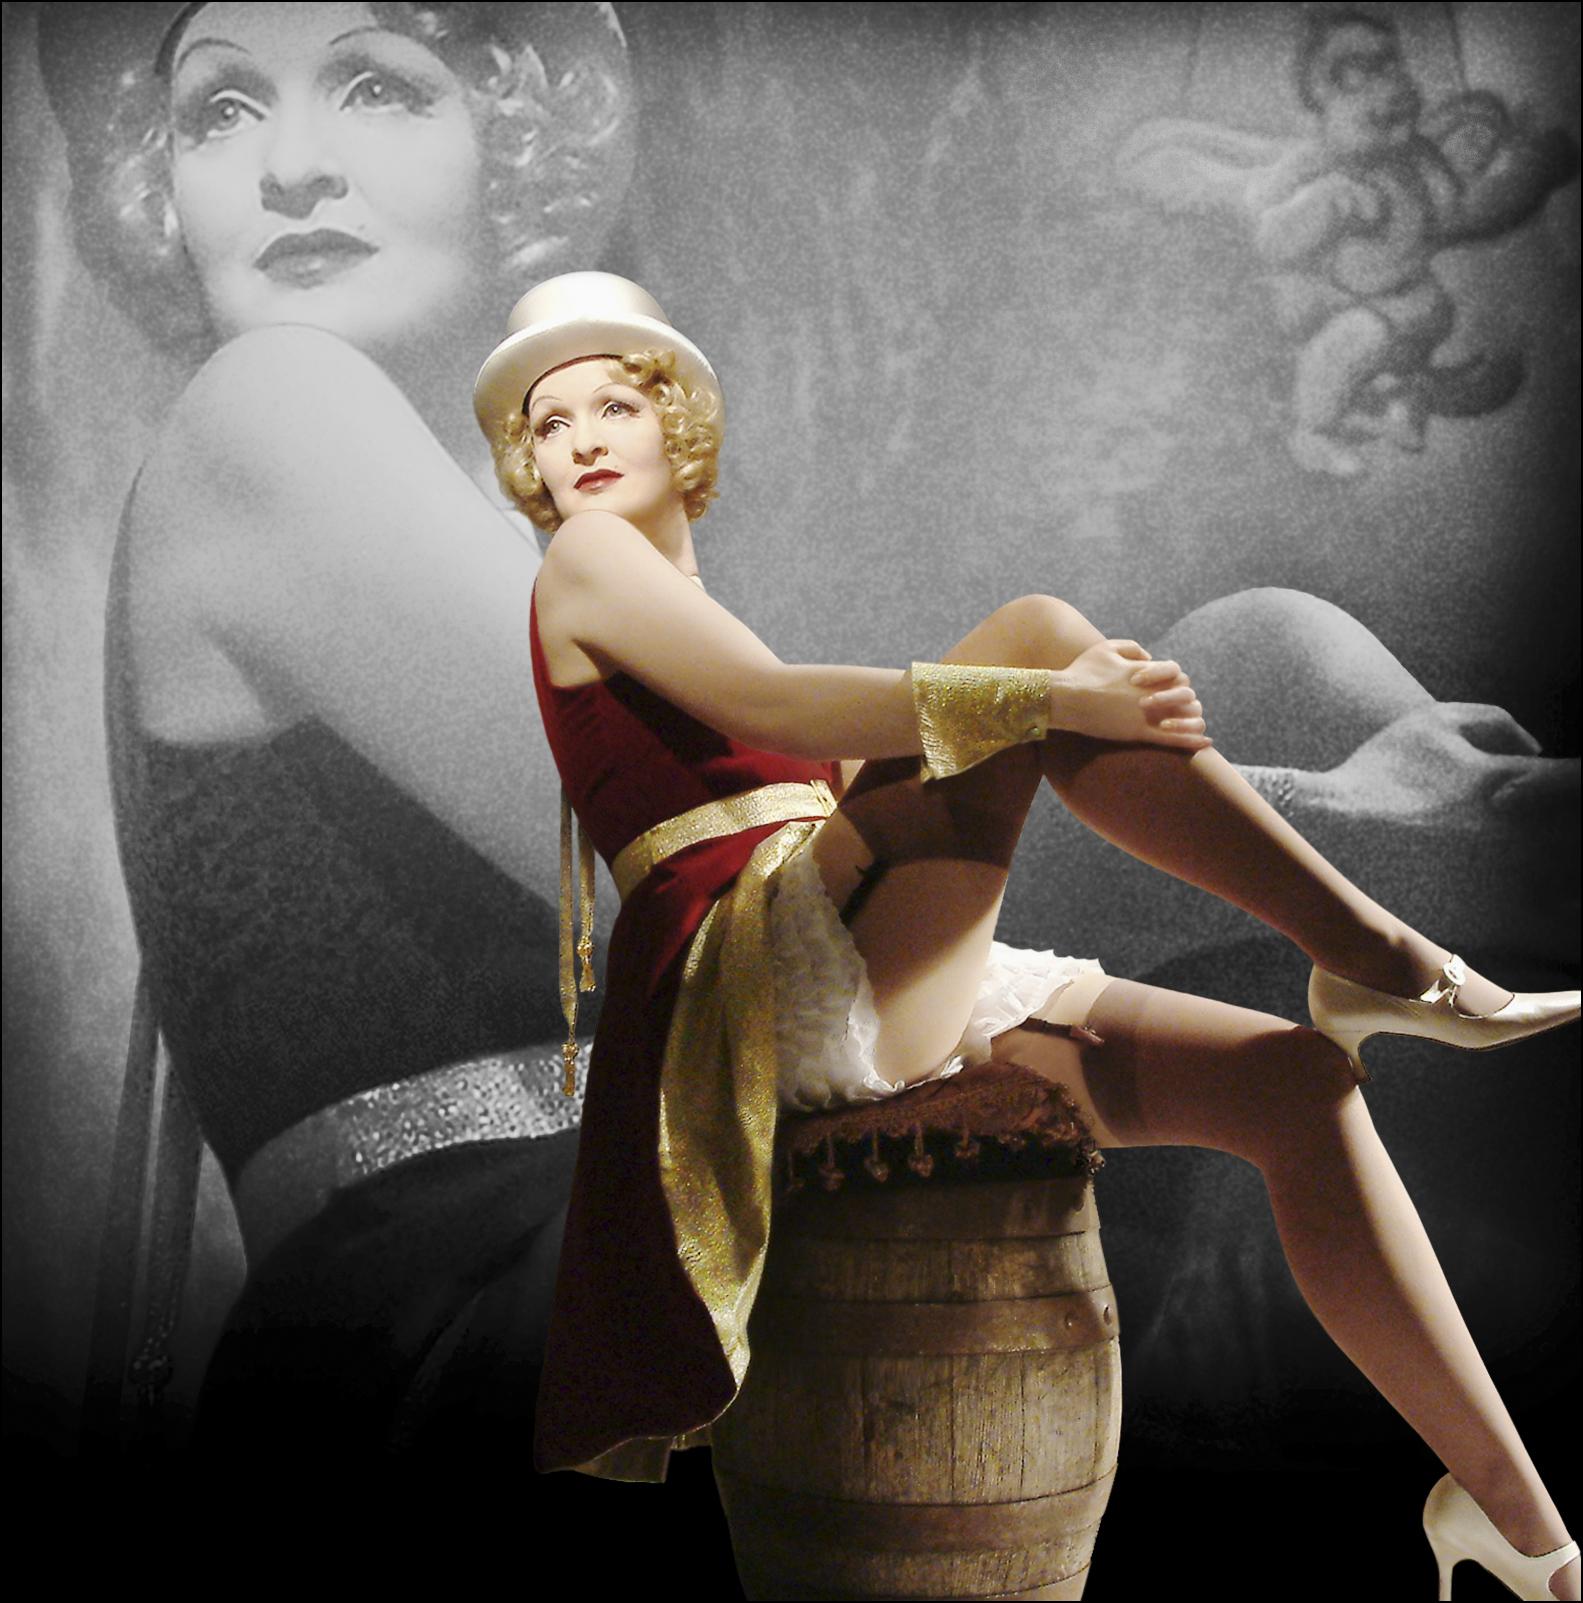 Blue Angel Marlene Dietrich